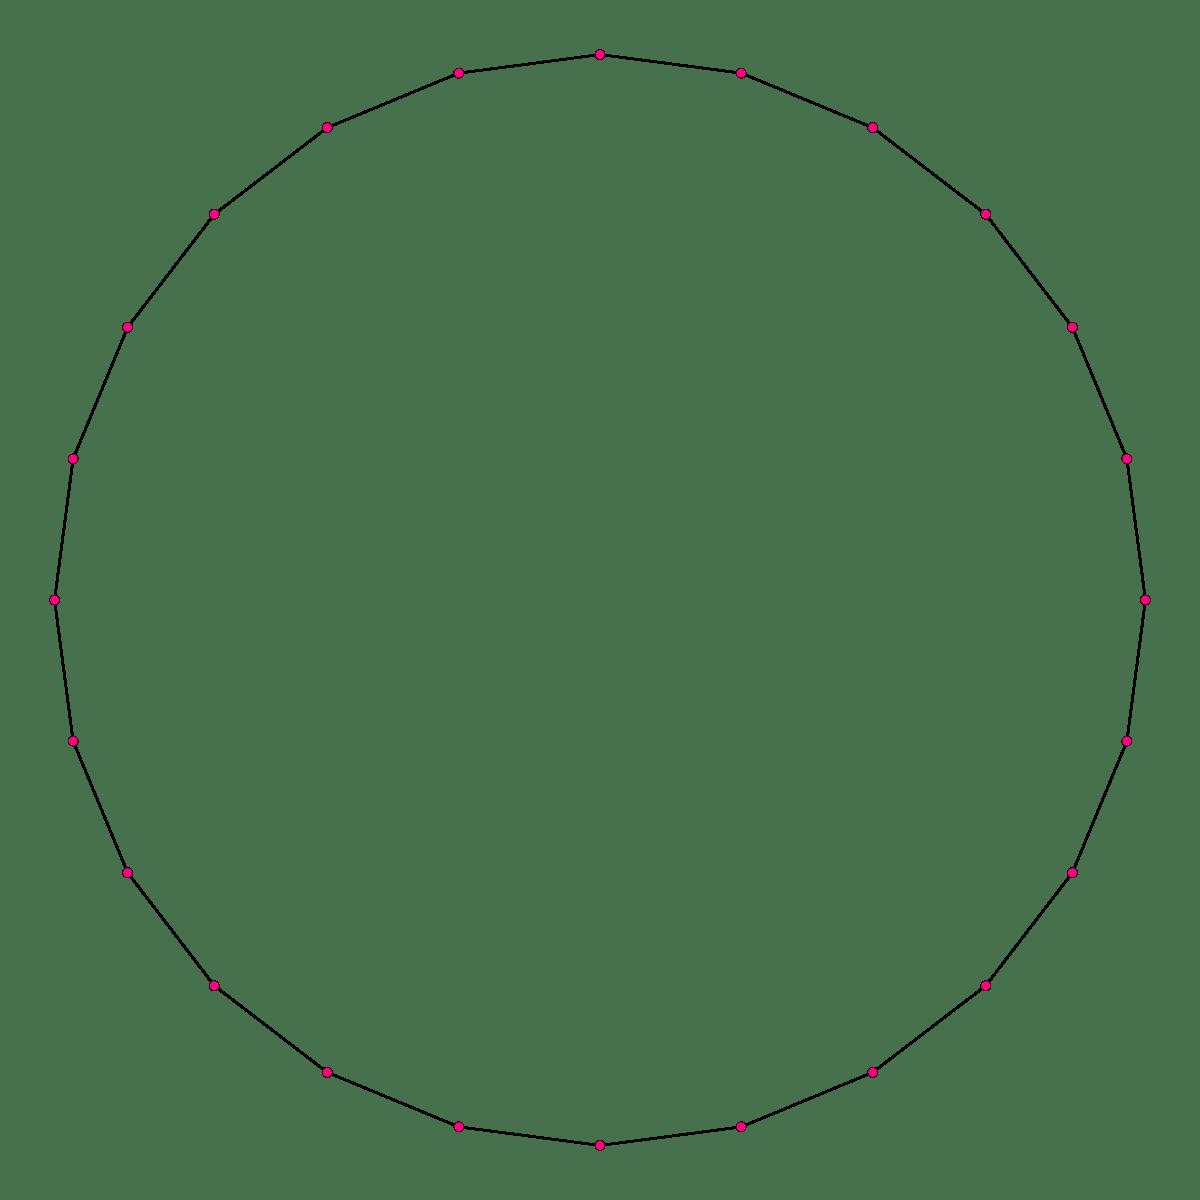 Hexagon Clipart Polygon Hexagon Polygon Transparent Free